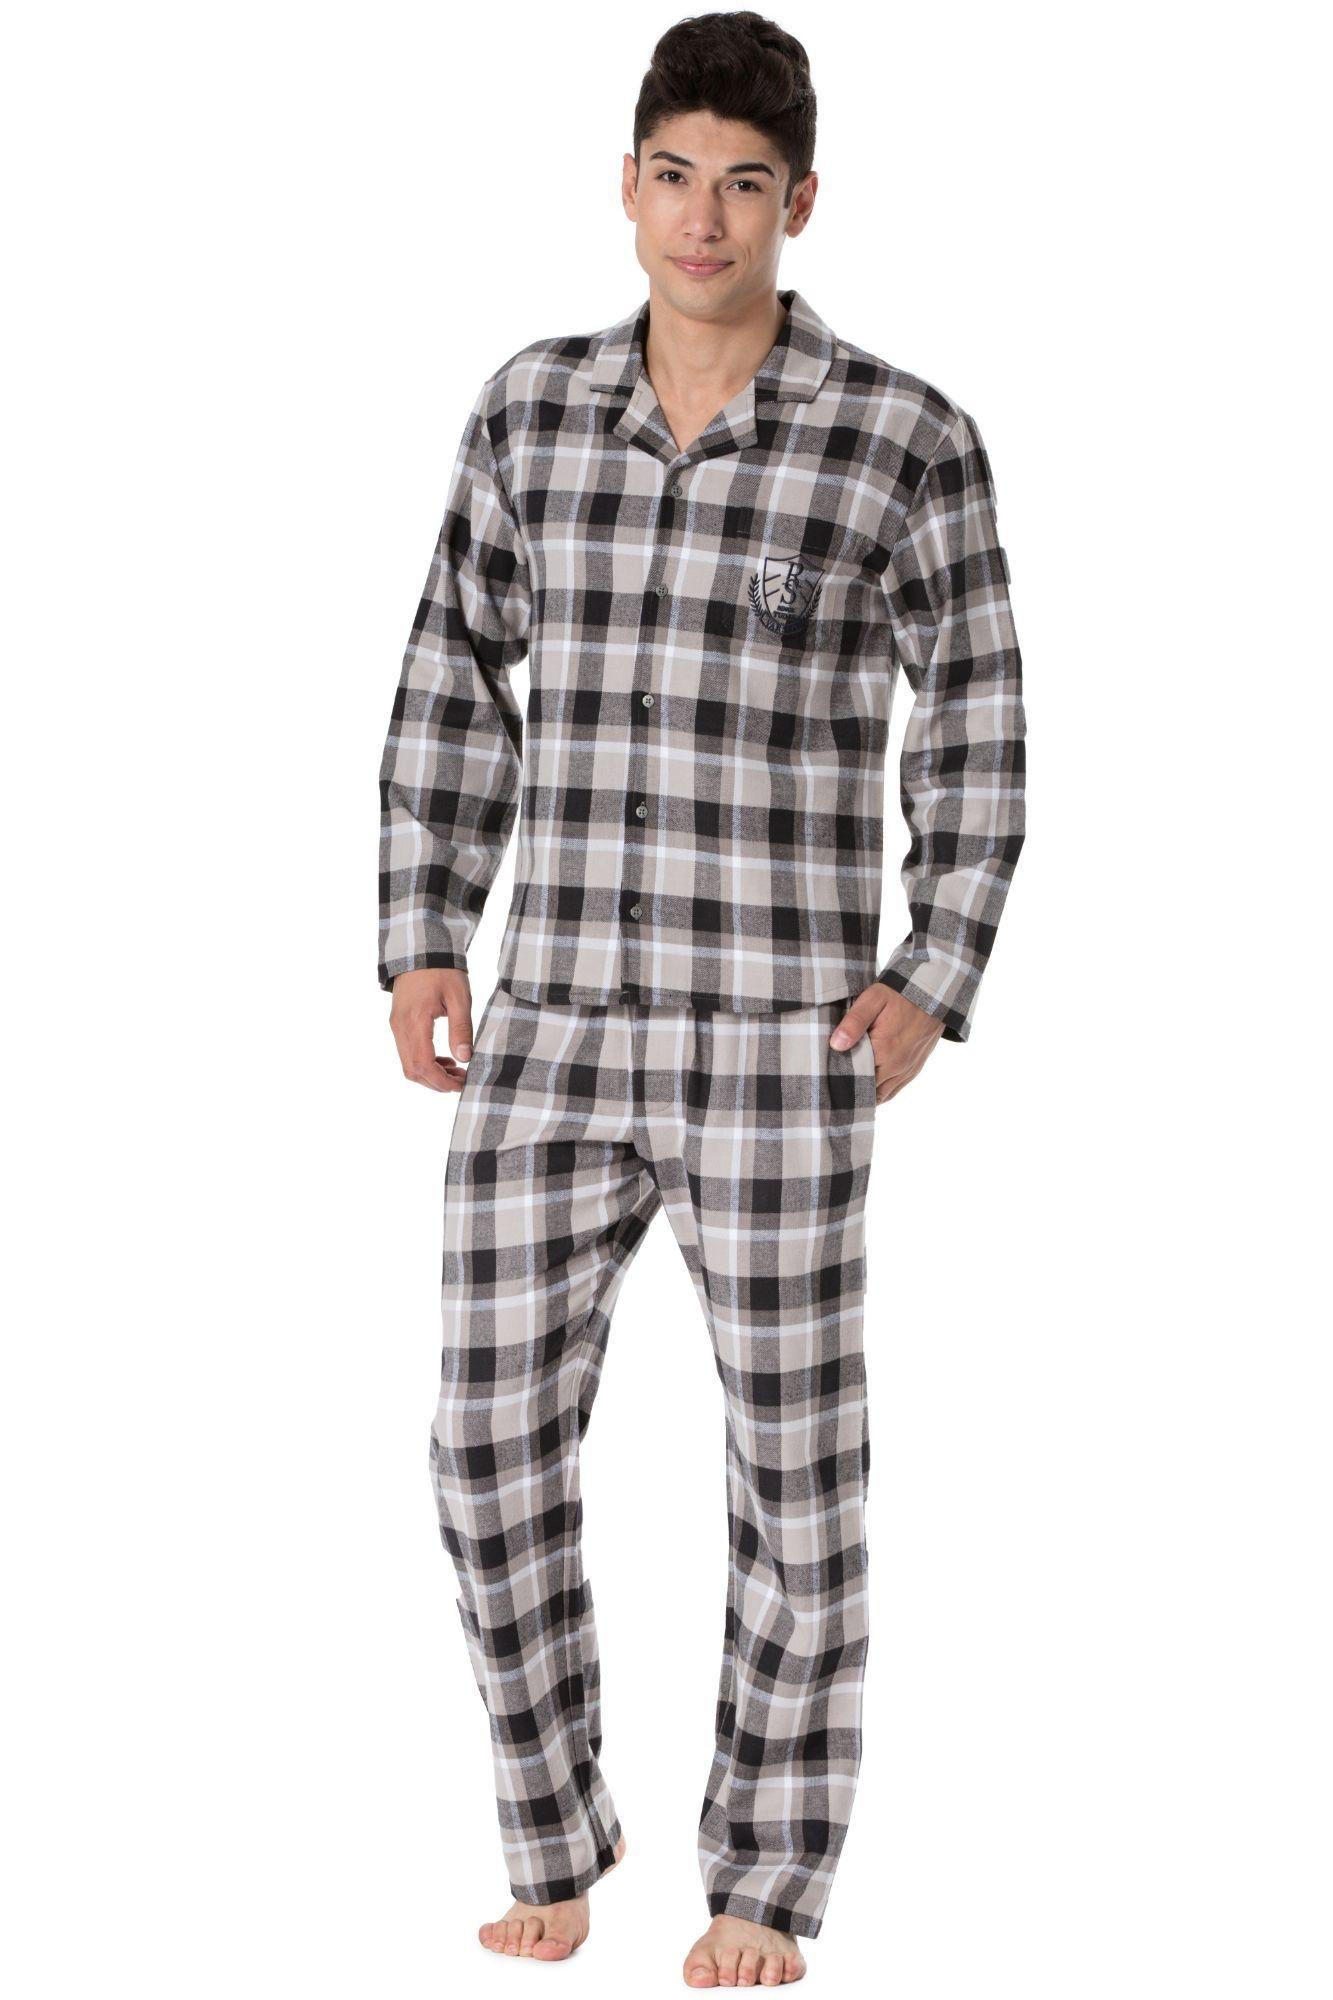 752c03703e30 Pánské flanelové pyžamo Richard hnědé káro - ELEGANT.cz